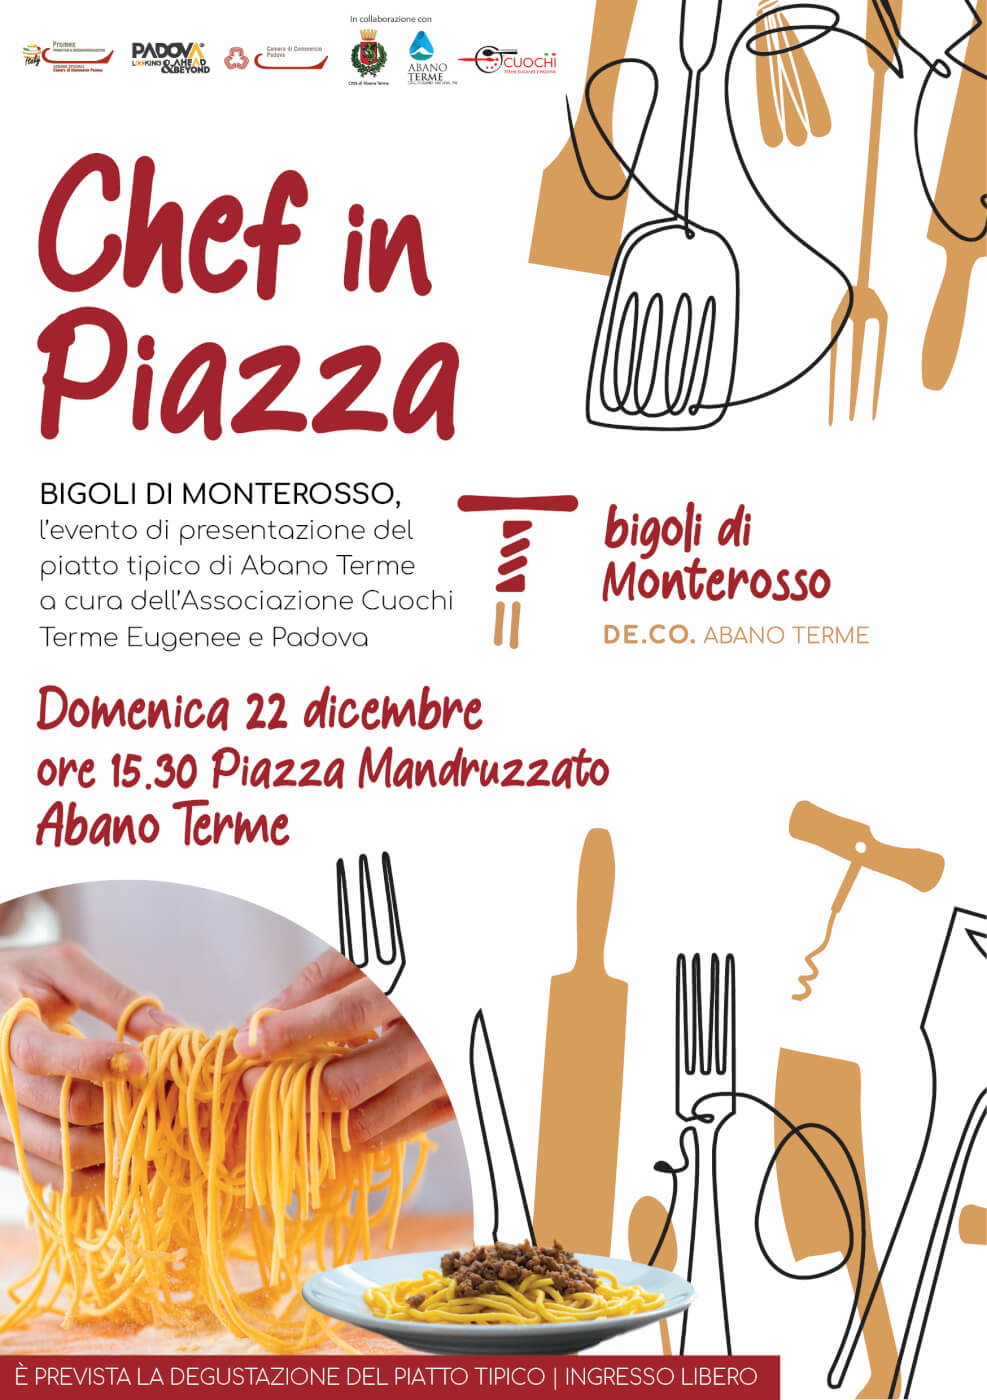 Chef in Piazza, domenica 22 dicembre